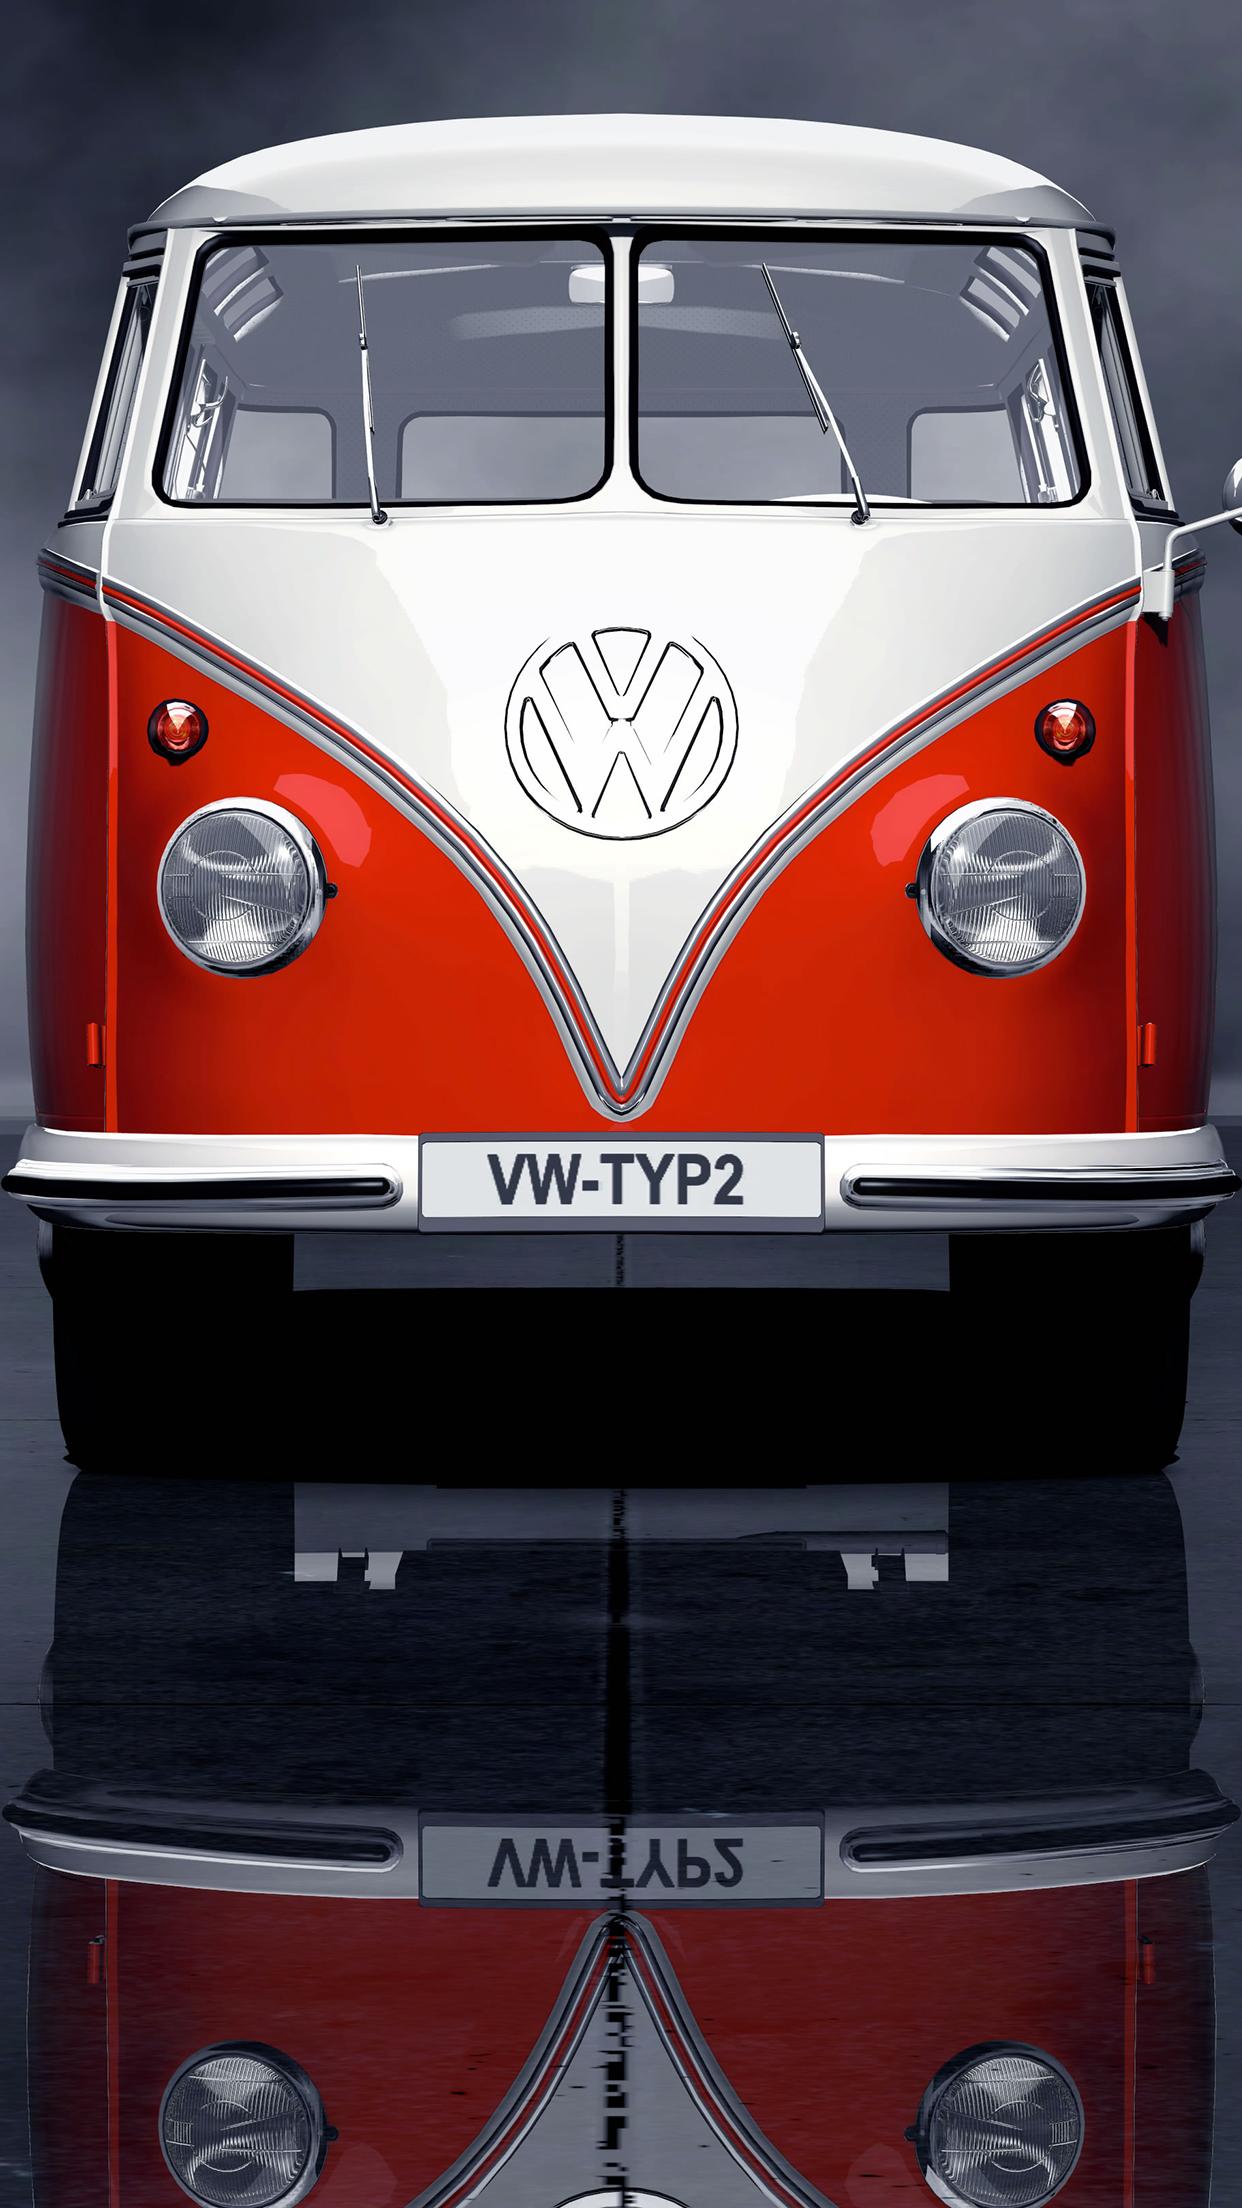 Iphone 4s New Wallpapers Volkswagen Combi Wallpaper For Iphone X 8 7 6 Free